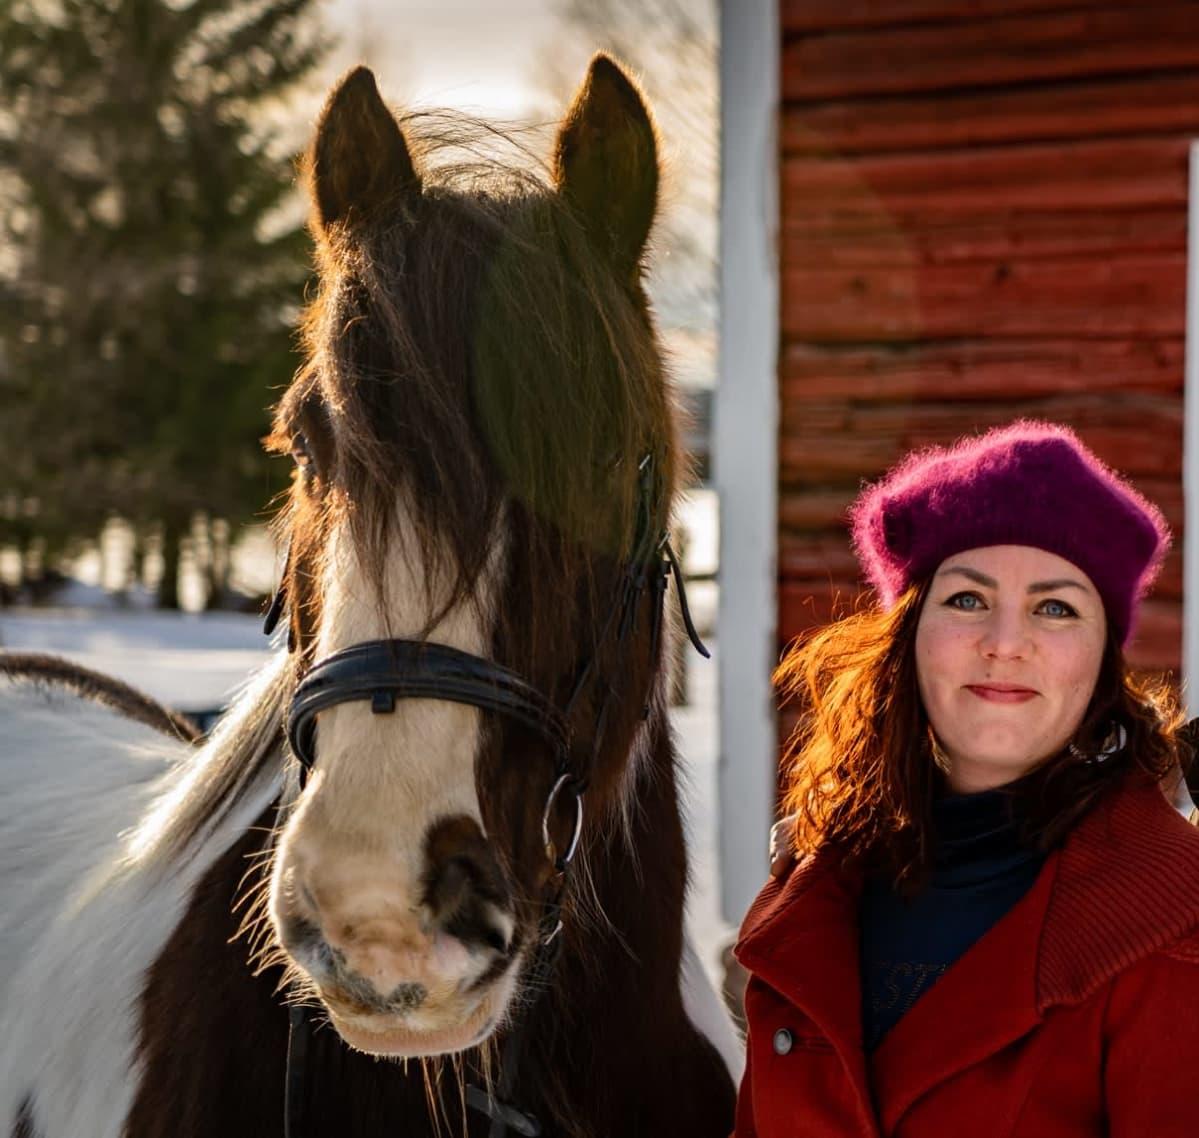 Venla Laukkanen kotipihassaan hevosensa kanssa.